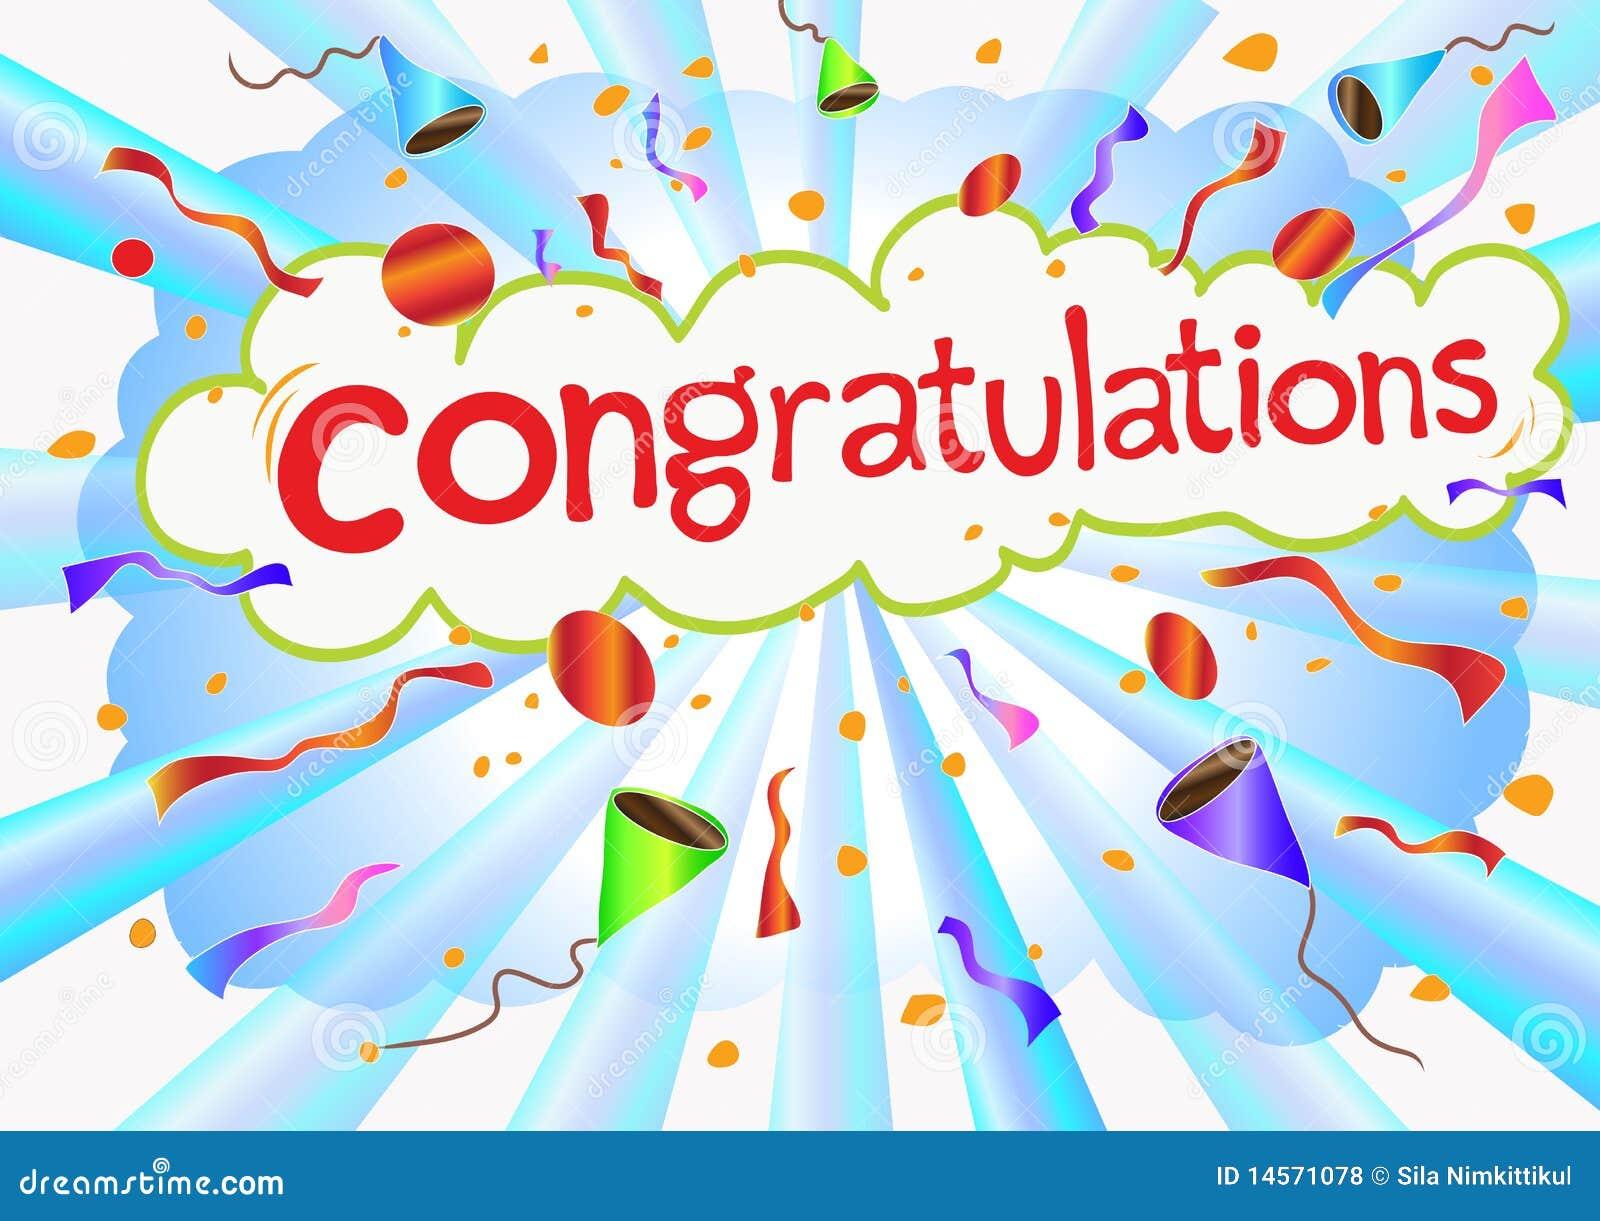 Reward, achievements, medal, teamwork, congratulation, male, success, promotion  icon